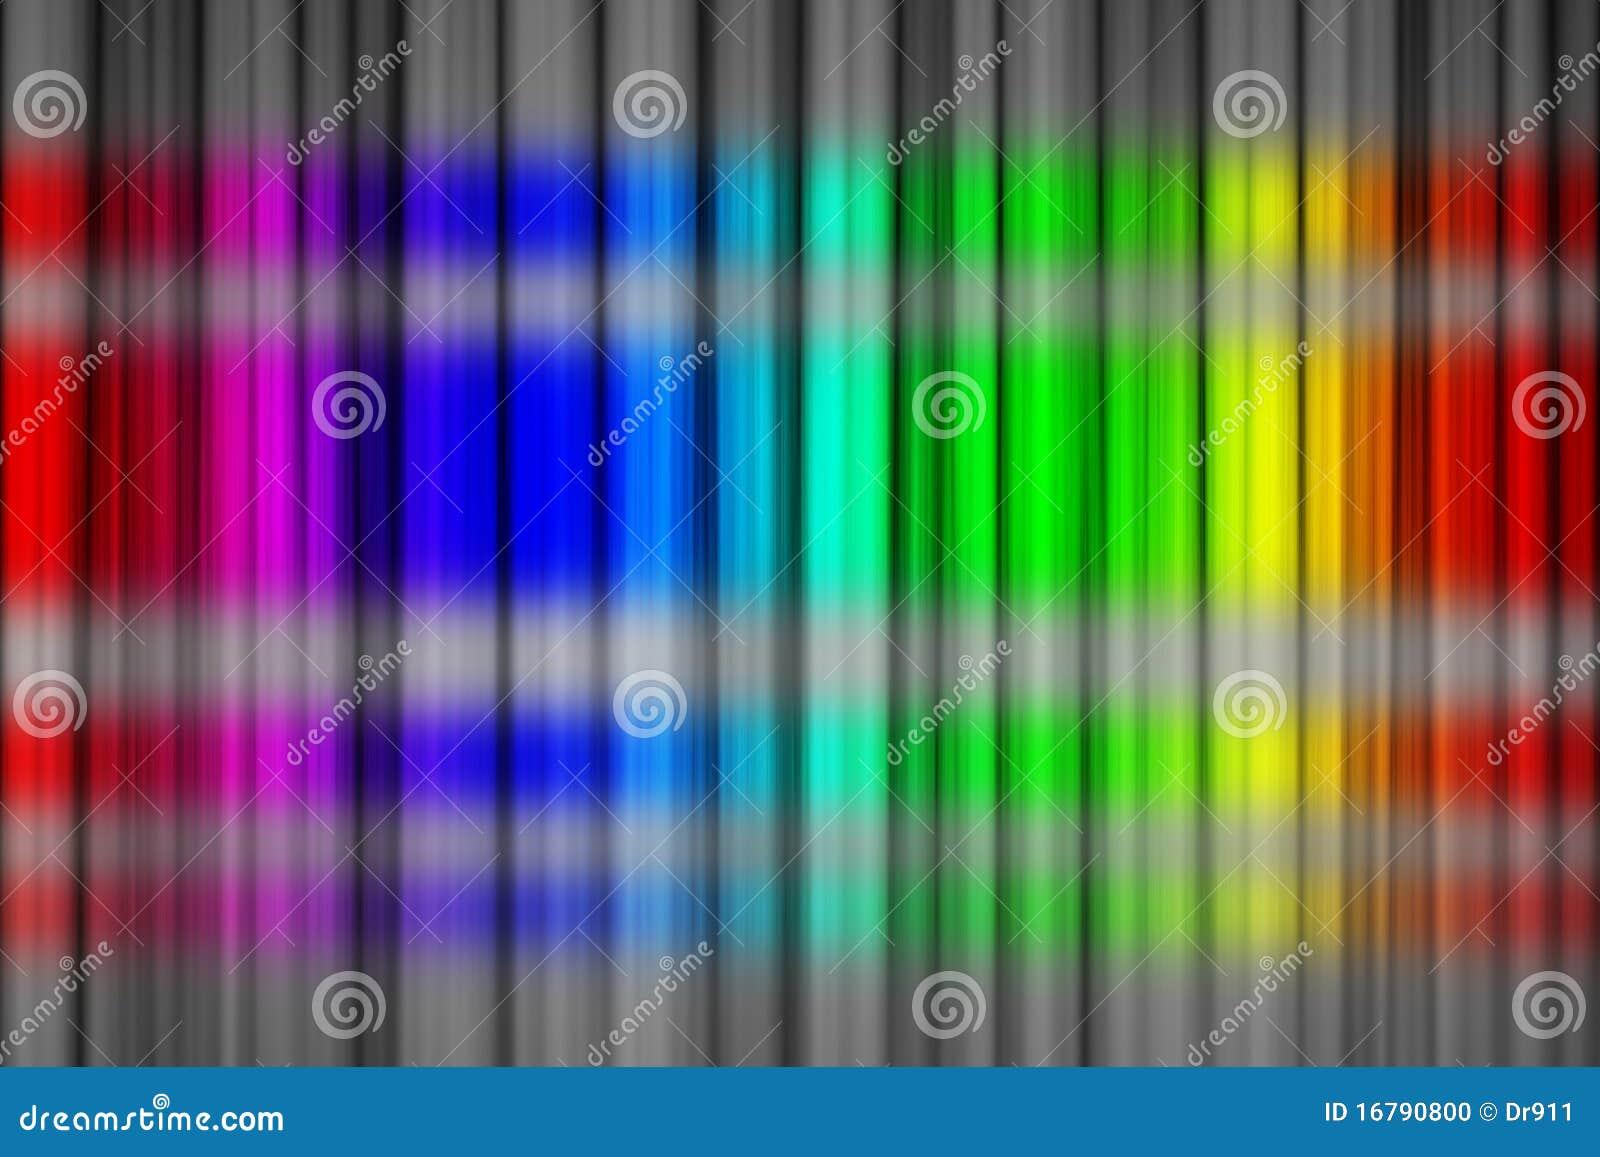 Colori fotografia stock immagine di background - Immagine di lucertola a colori ...